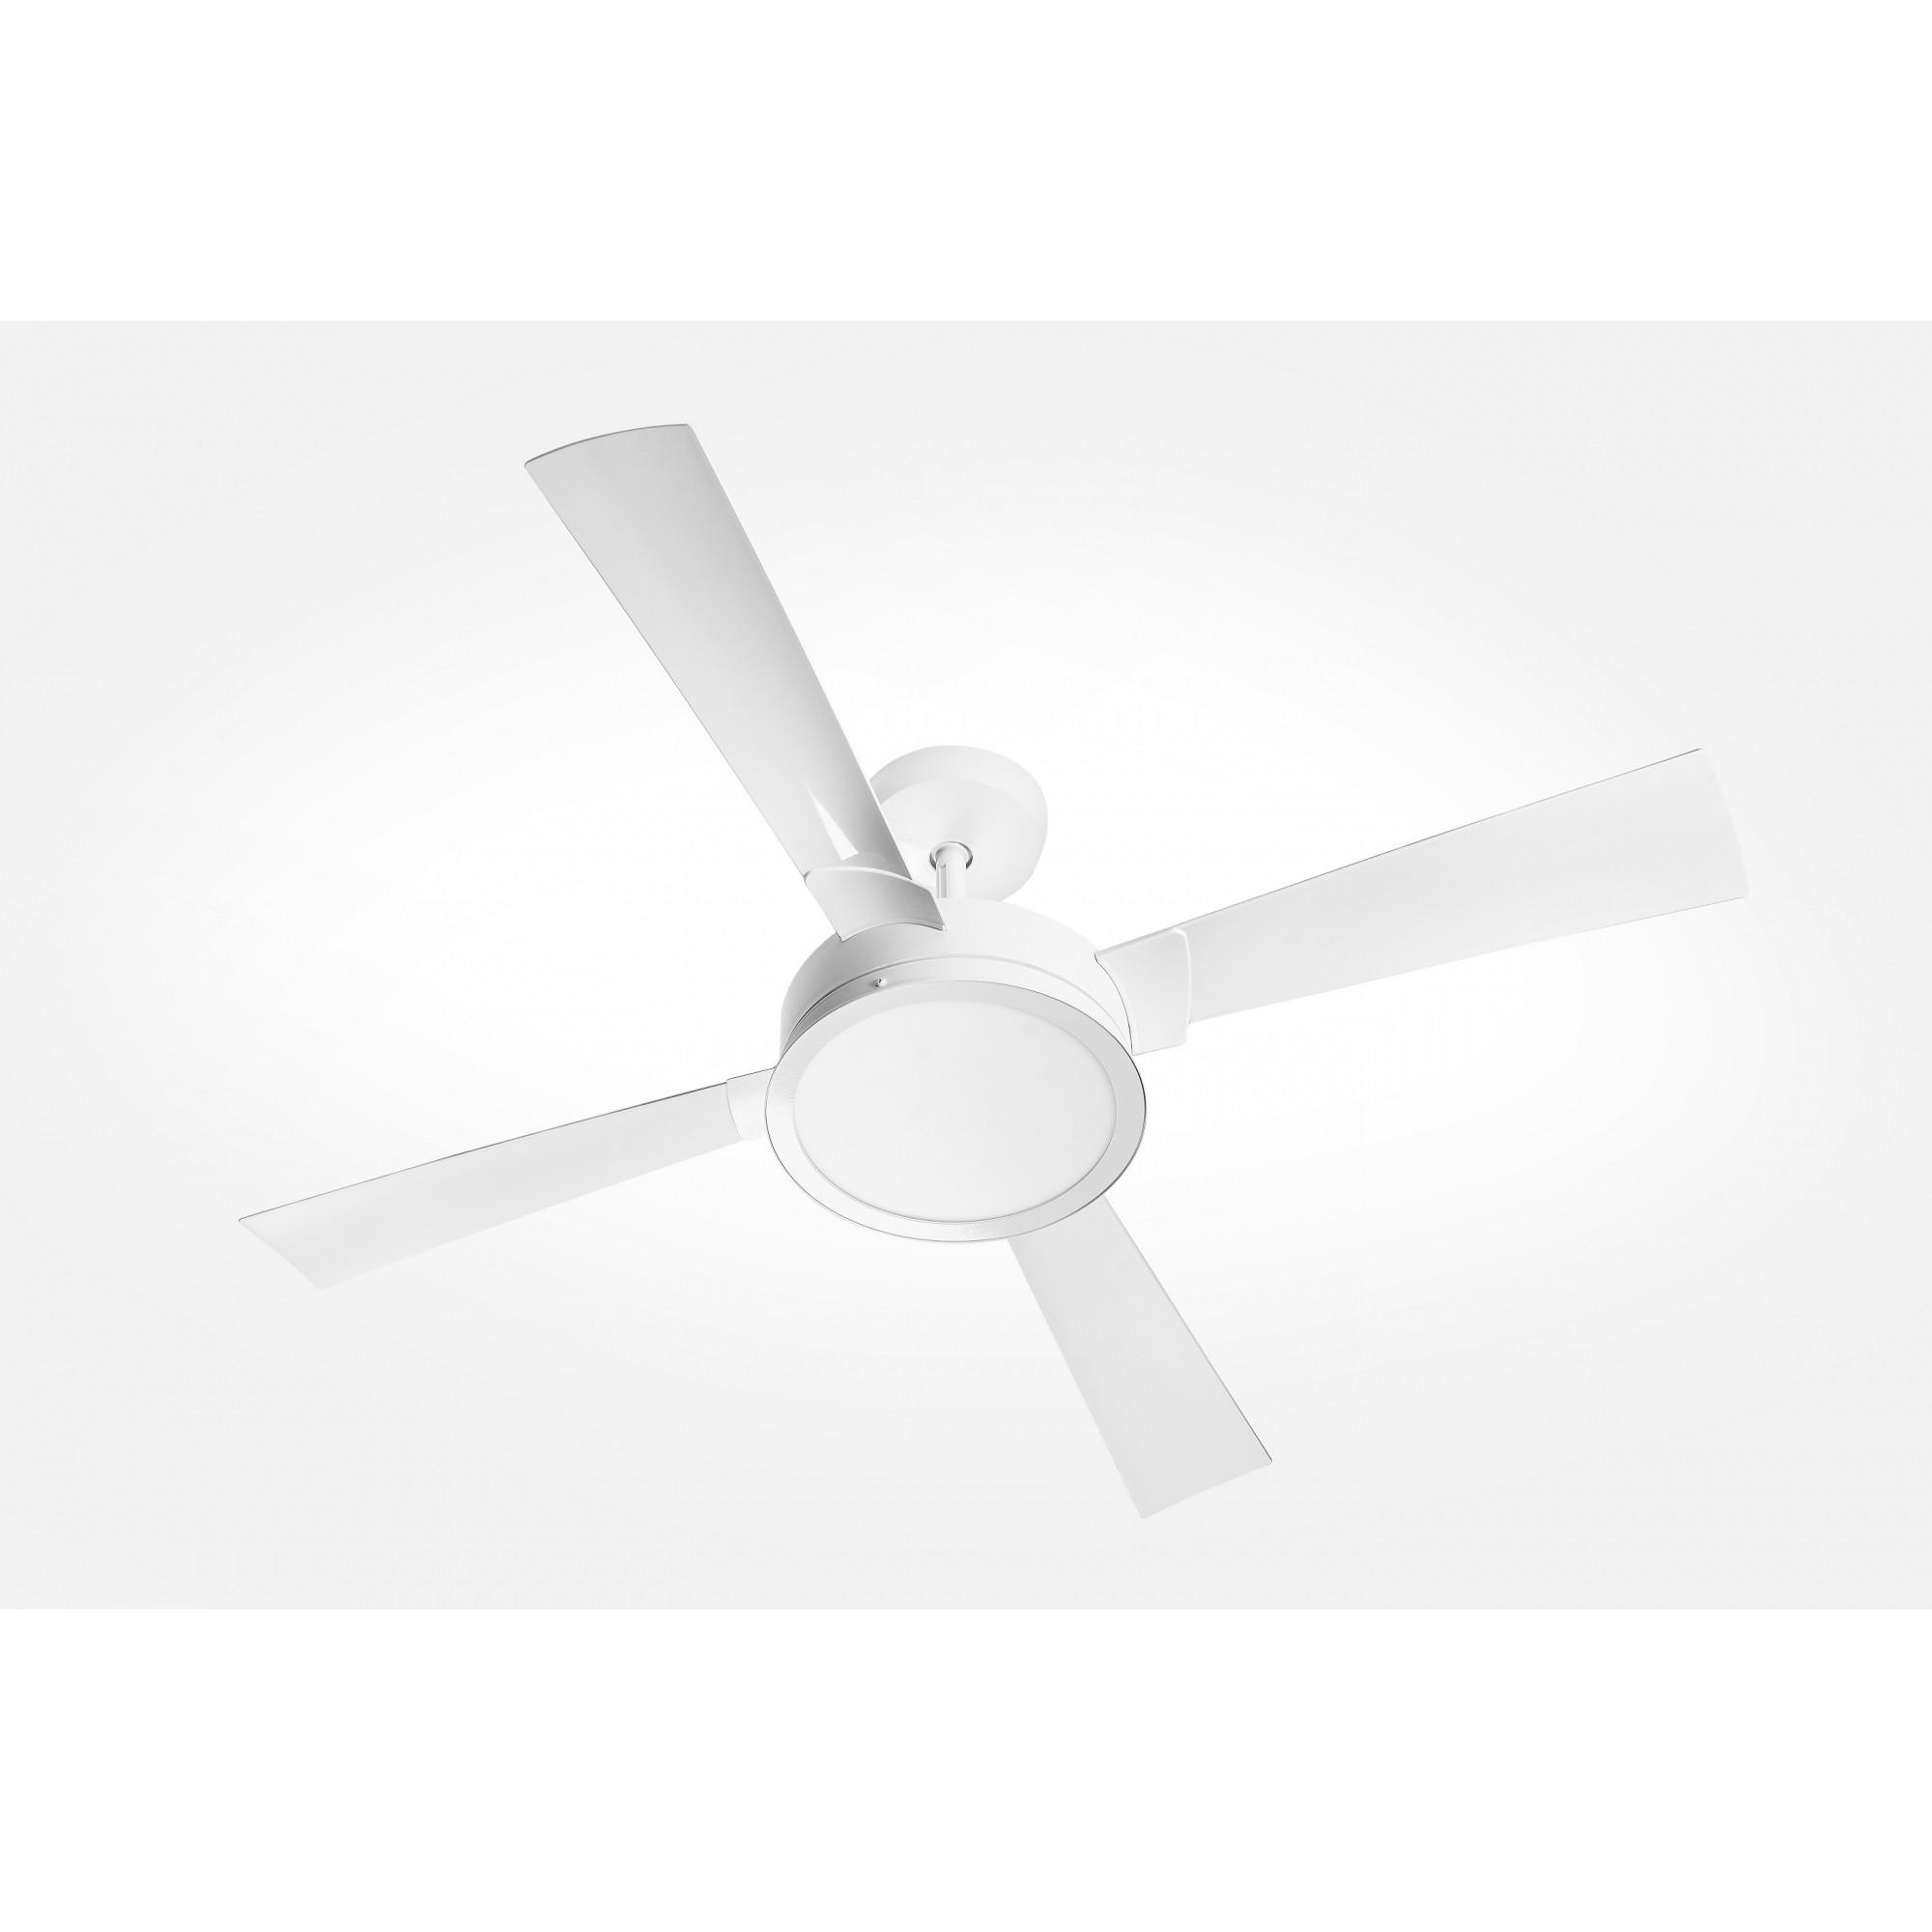 Ventilador de Teto Magnifico Branco 4 Pás Plástico 220 V + Controle Remoto